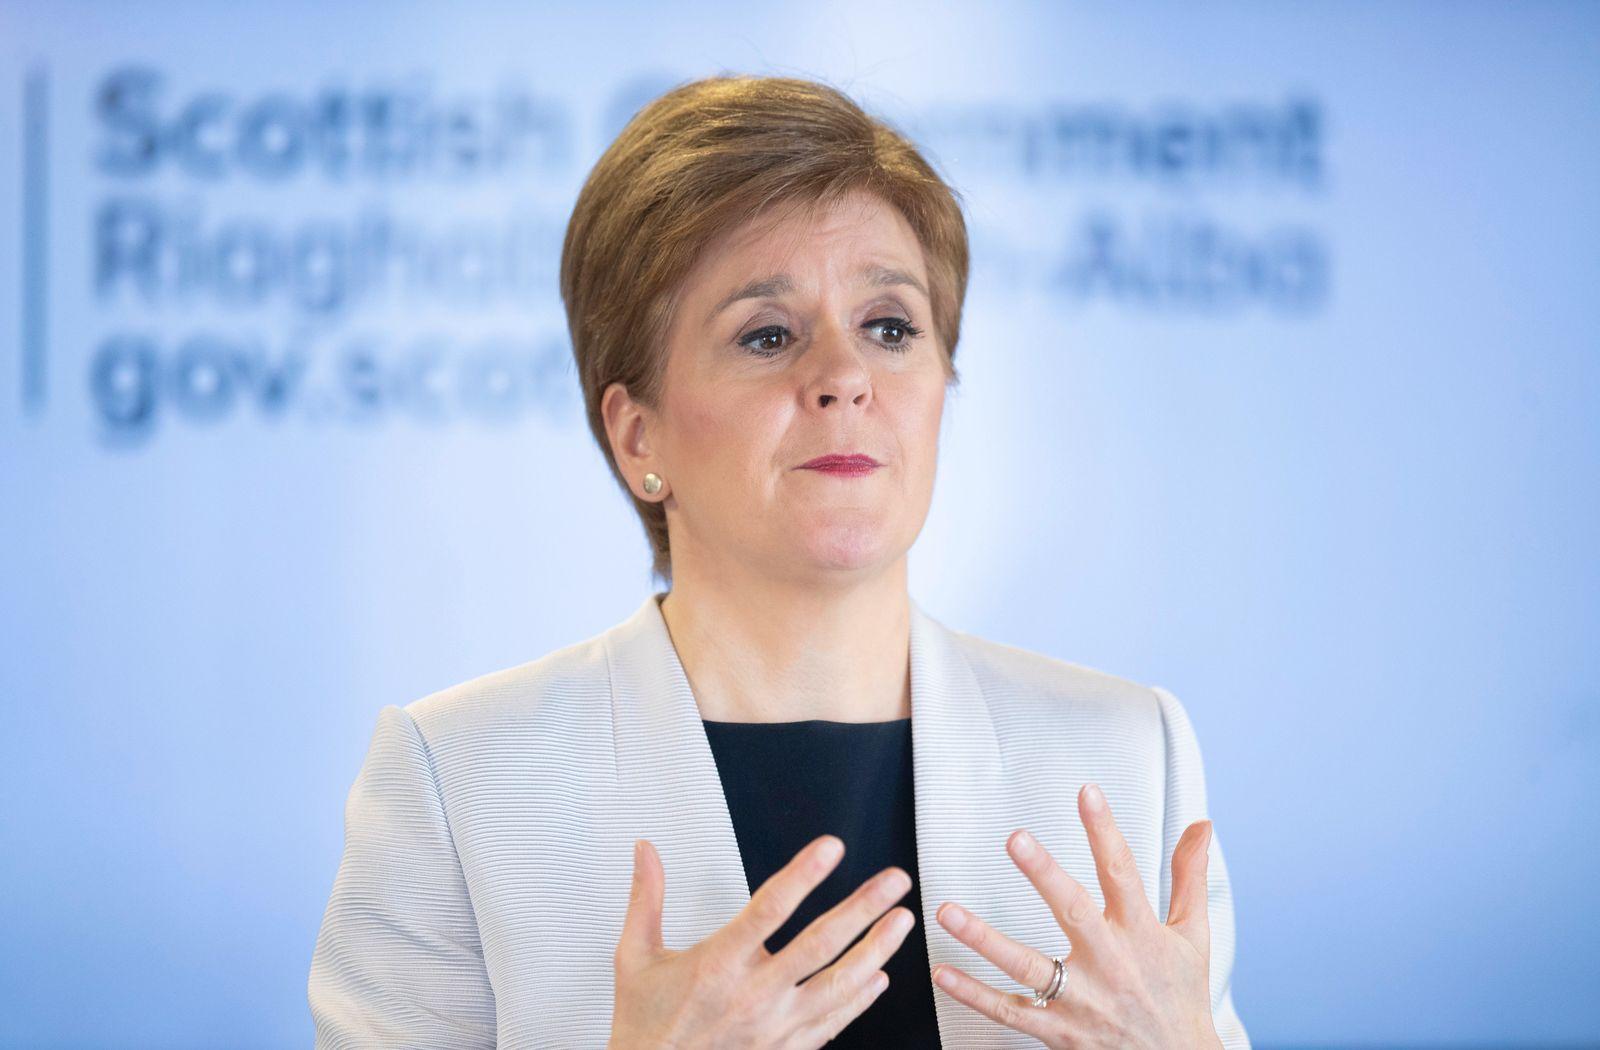 Sturgeon wirbt vor EU-Gipfel für Unabhängigkeit Schottlands